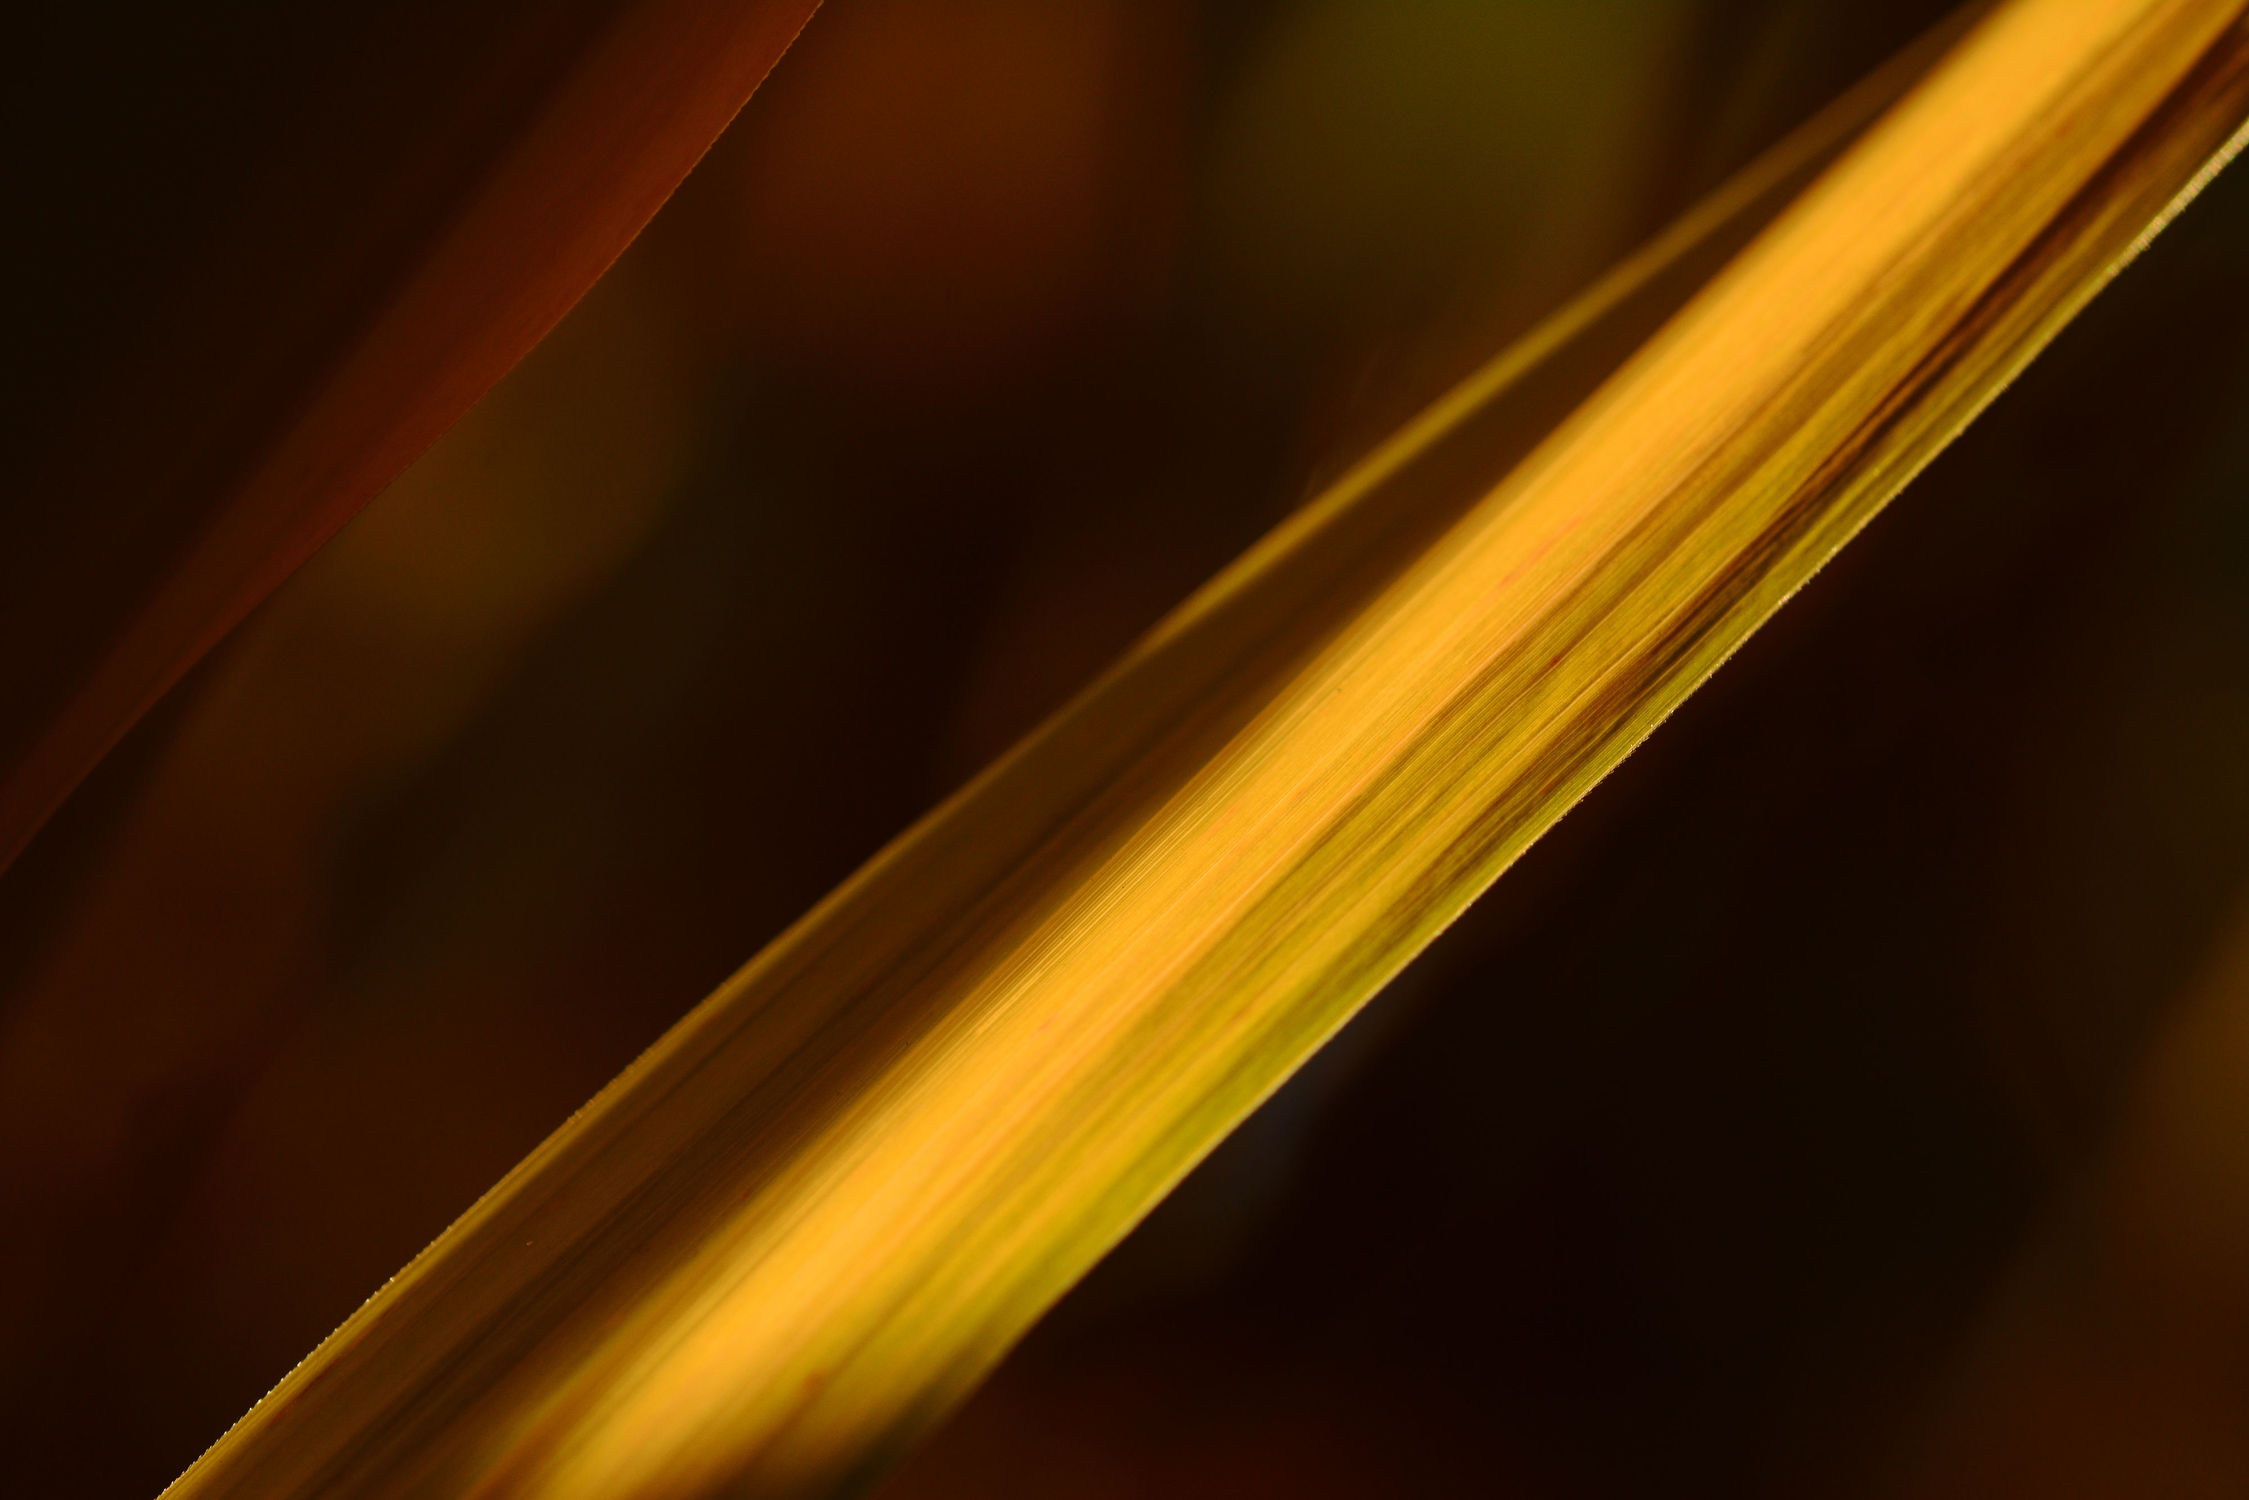 Bild mit Gräser, Herbst, Licht, Tapeten, Hintergründe, Idylle, Idylle, reet, Schatten, Ostfriese, Diagonale, Röhrricht, Gas, Grsstauden